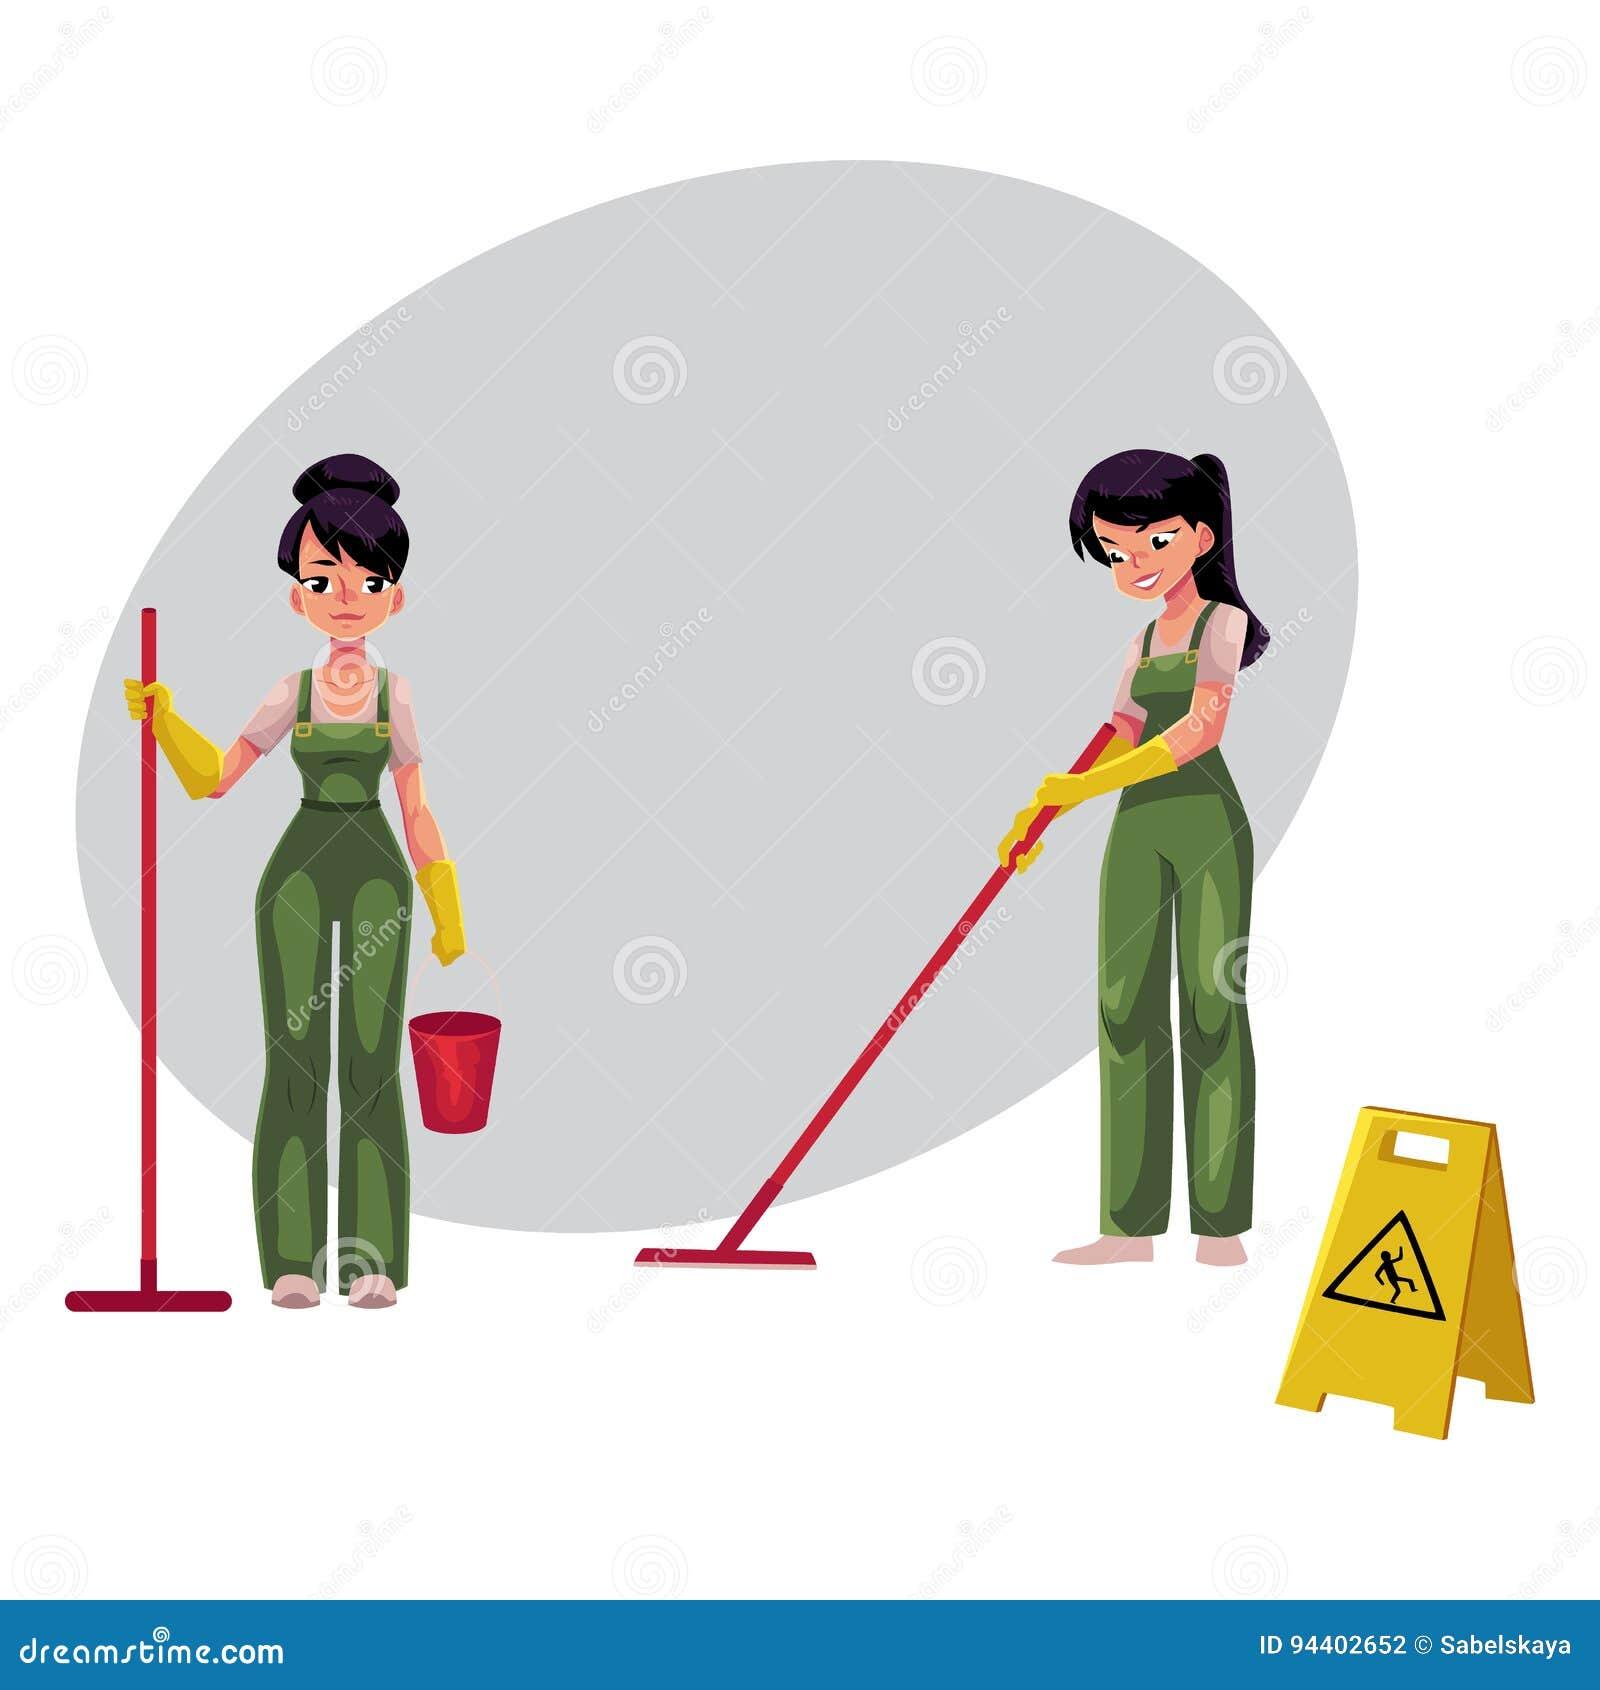 reinigungsservice m dchen putzfrauen im overall der boden warnzeichen w scht vektor abbildung. Black Bedroom Furniture Sets. Home Design Ideas